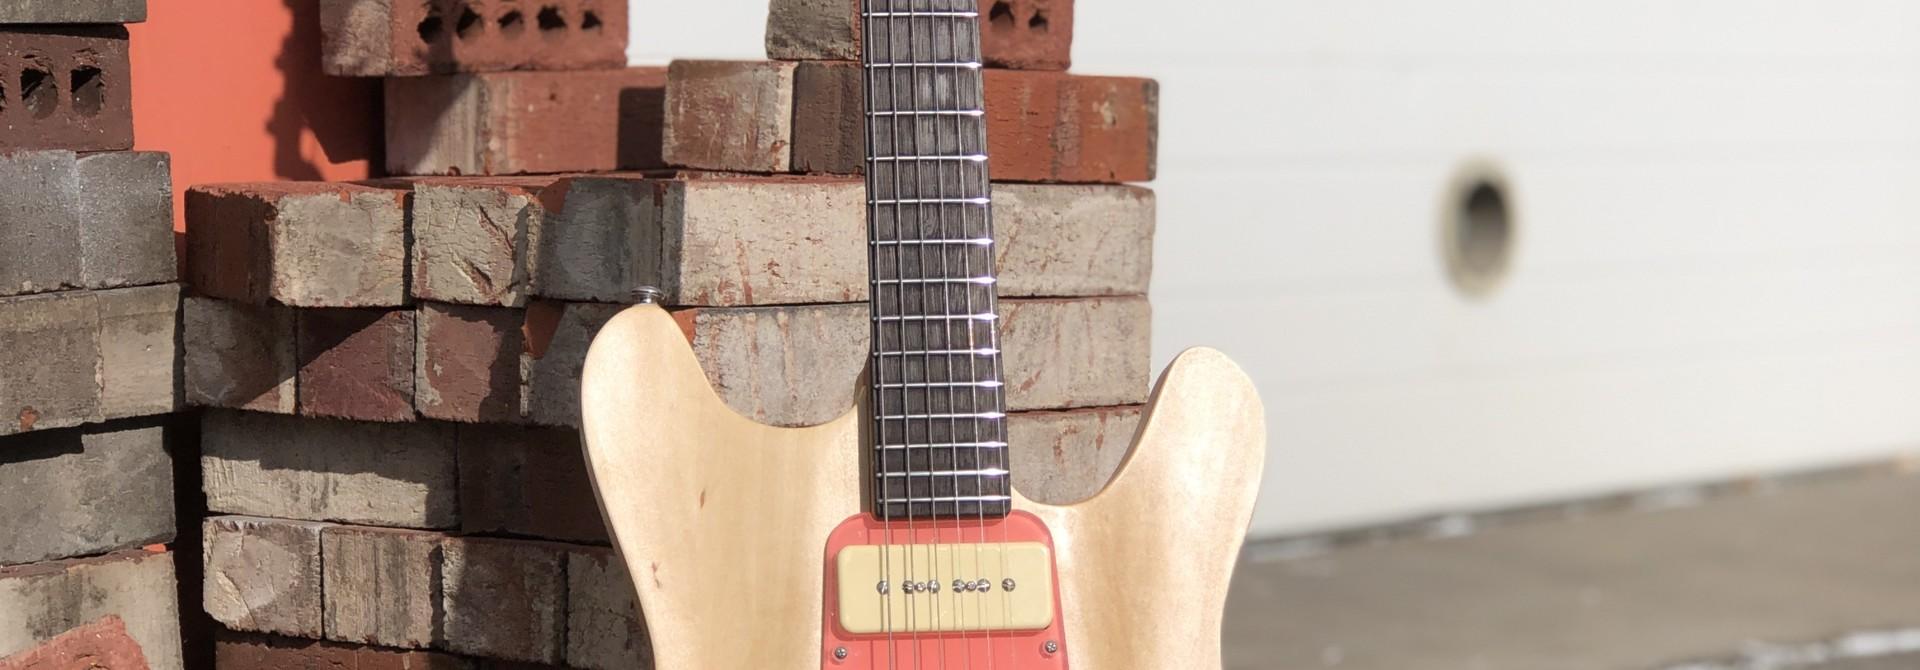 Hoosier Guitars Telegraph Prototype #2